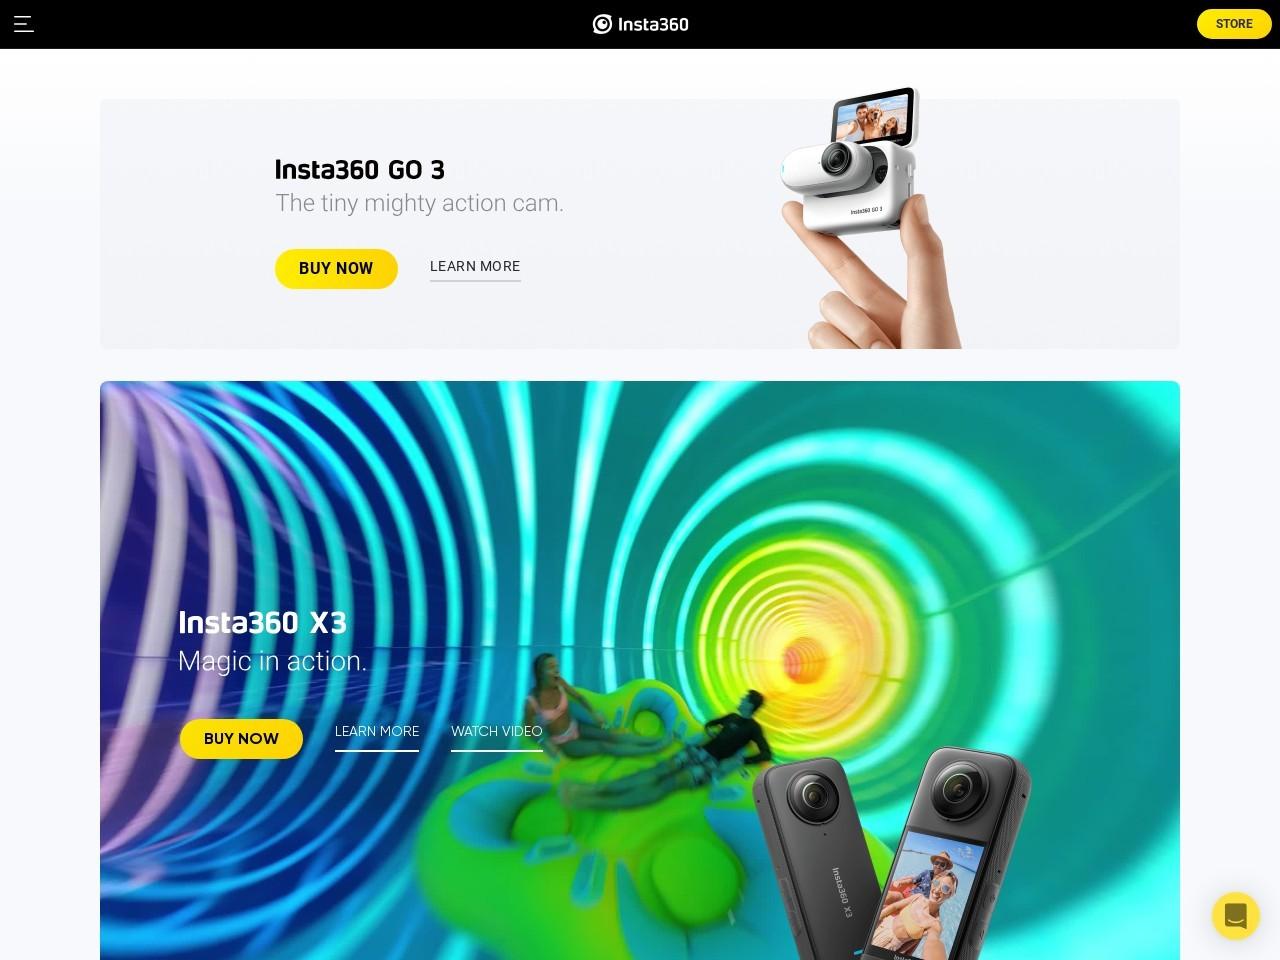 Insta360全景相机(深圳岚锋创视网络科技有限公司)网站主页截图